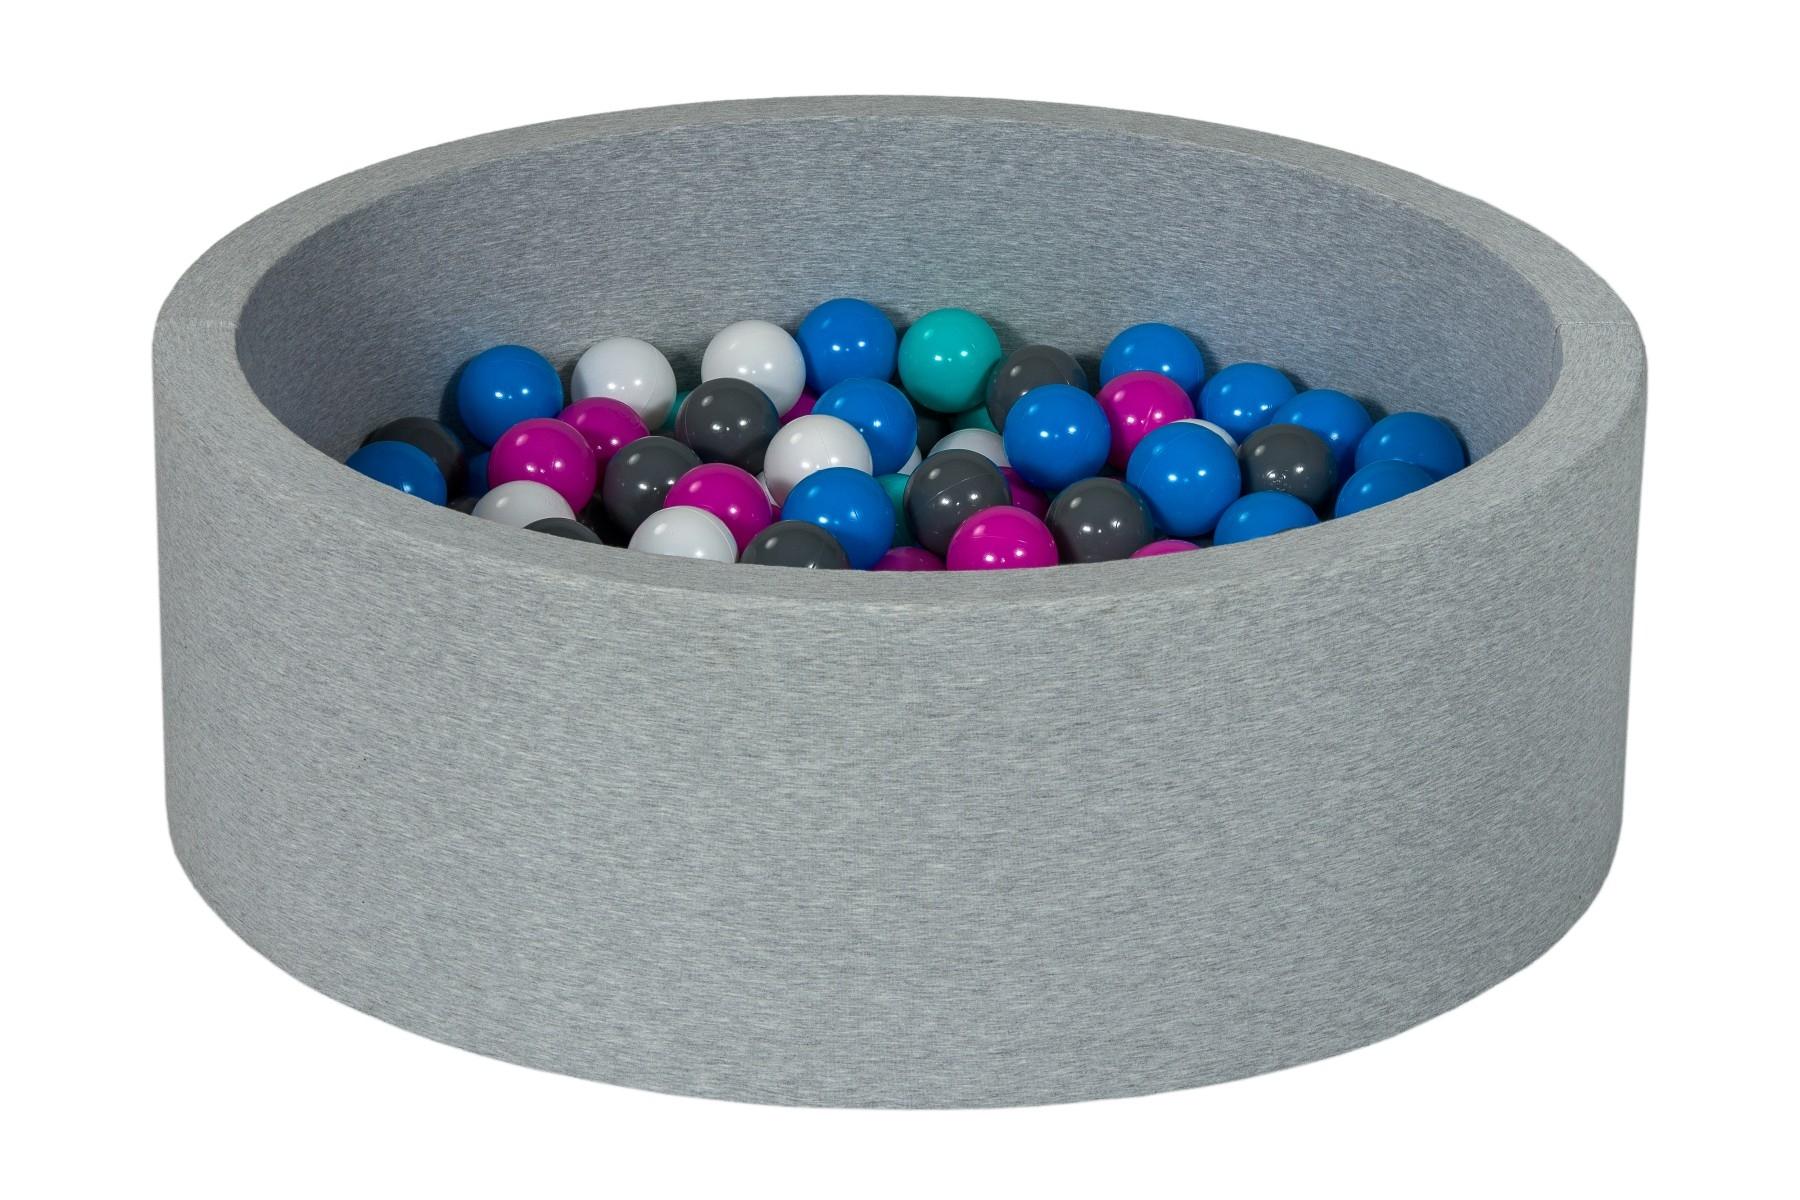 piscine balles pour enfant aire de jeu 150 balles ebay. Black Bedroom Furniture Sets. Home Design Ideas